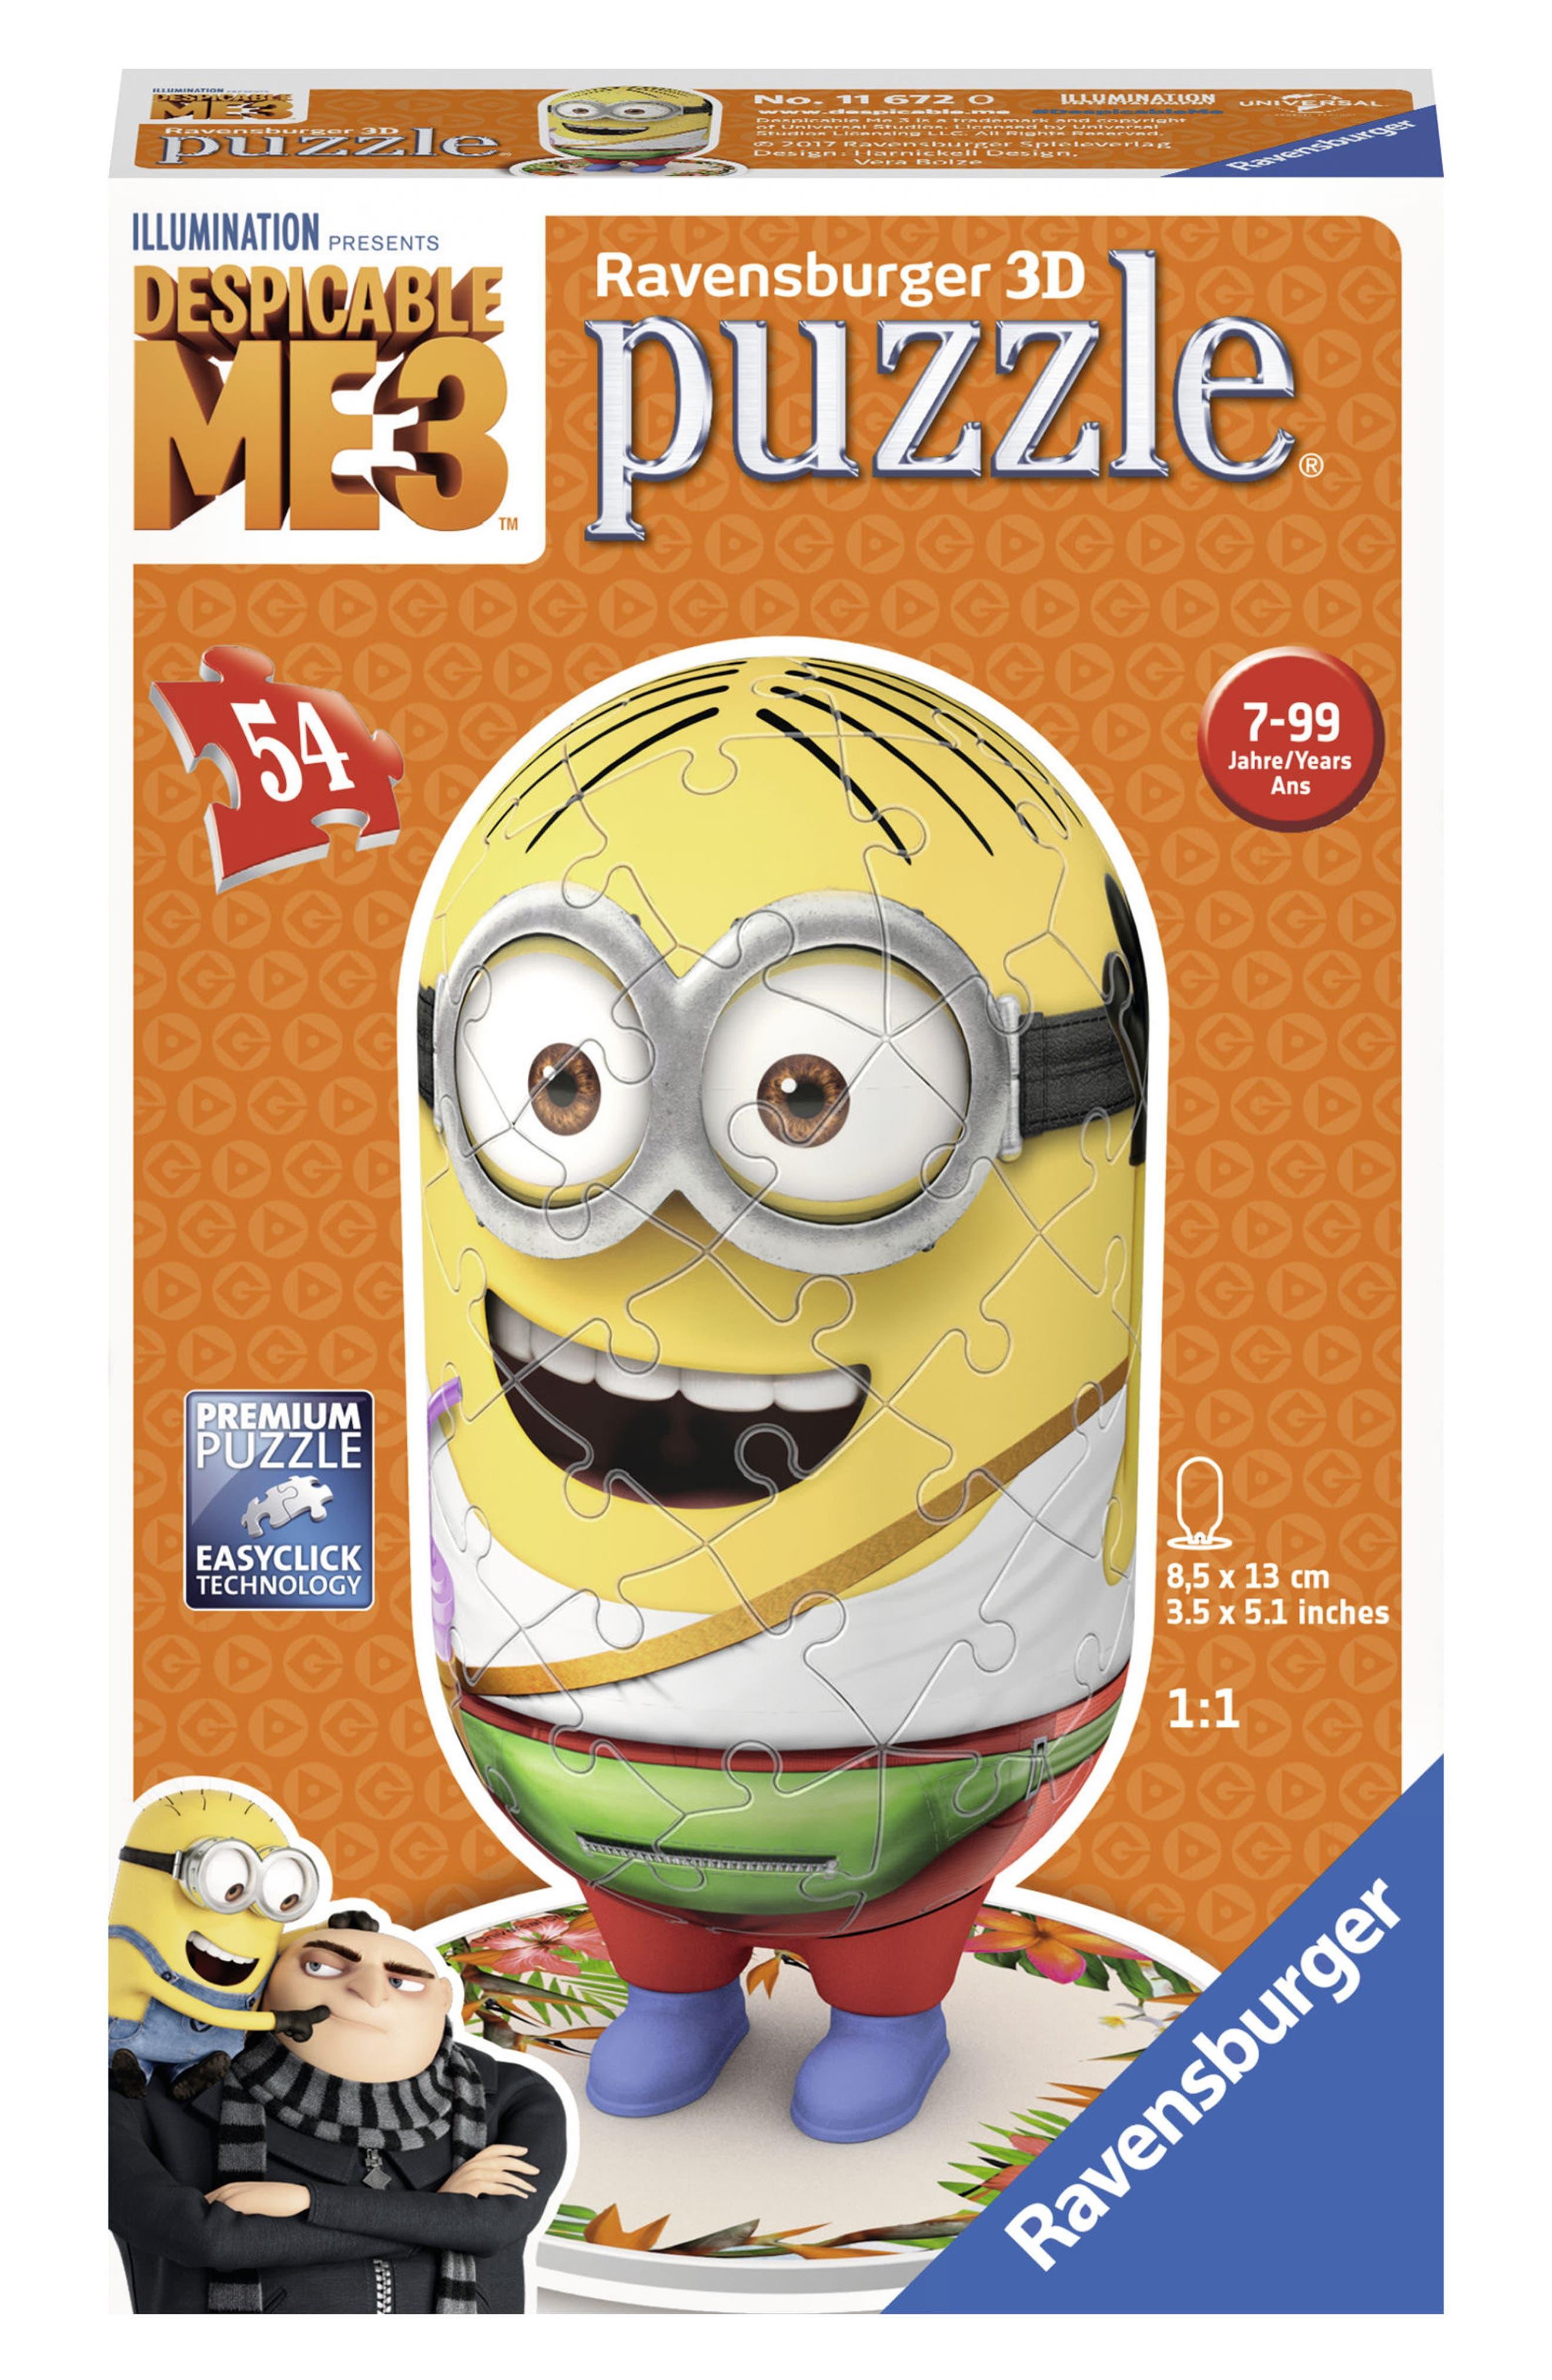 54-Piece Despicable Me 3 Minion 3D Puzzle,                         Main,                         color, Yellow